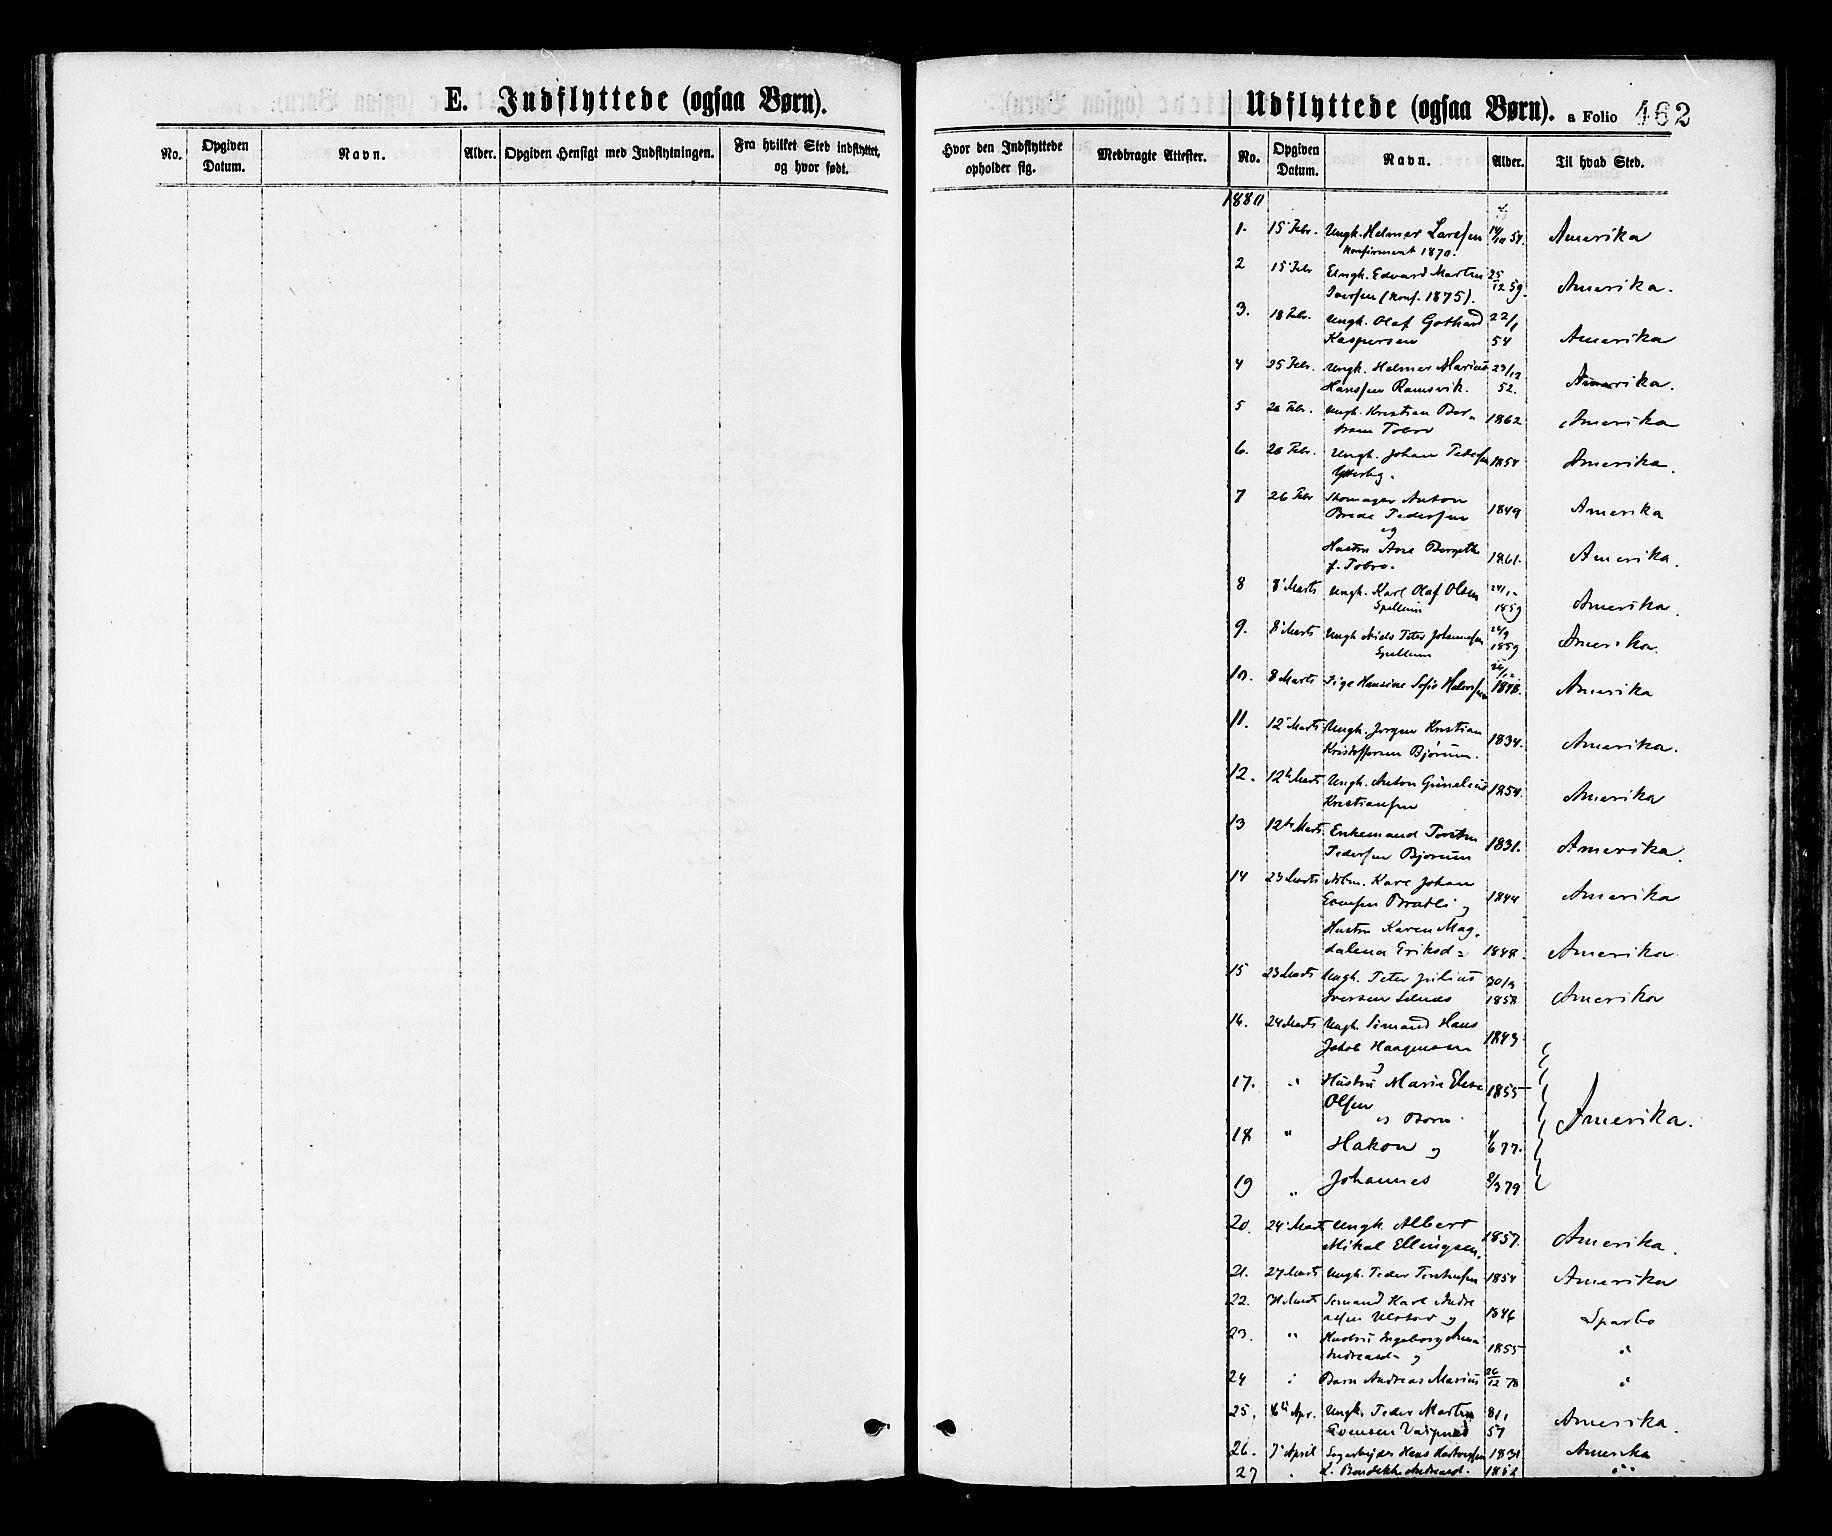 SAT, Ministerialprotokoller, klokkerbøker og fødselsregistre - Nord-Trøndelag, 768/L0572: Ministerialbok nr. 768A07, 1874-1886, s. 462